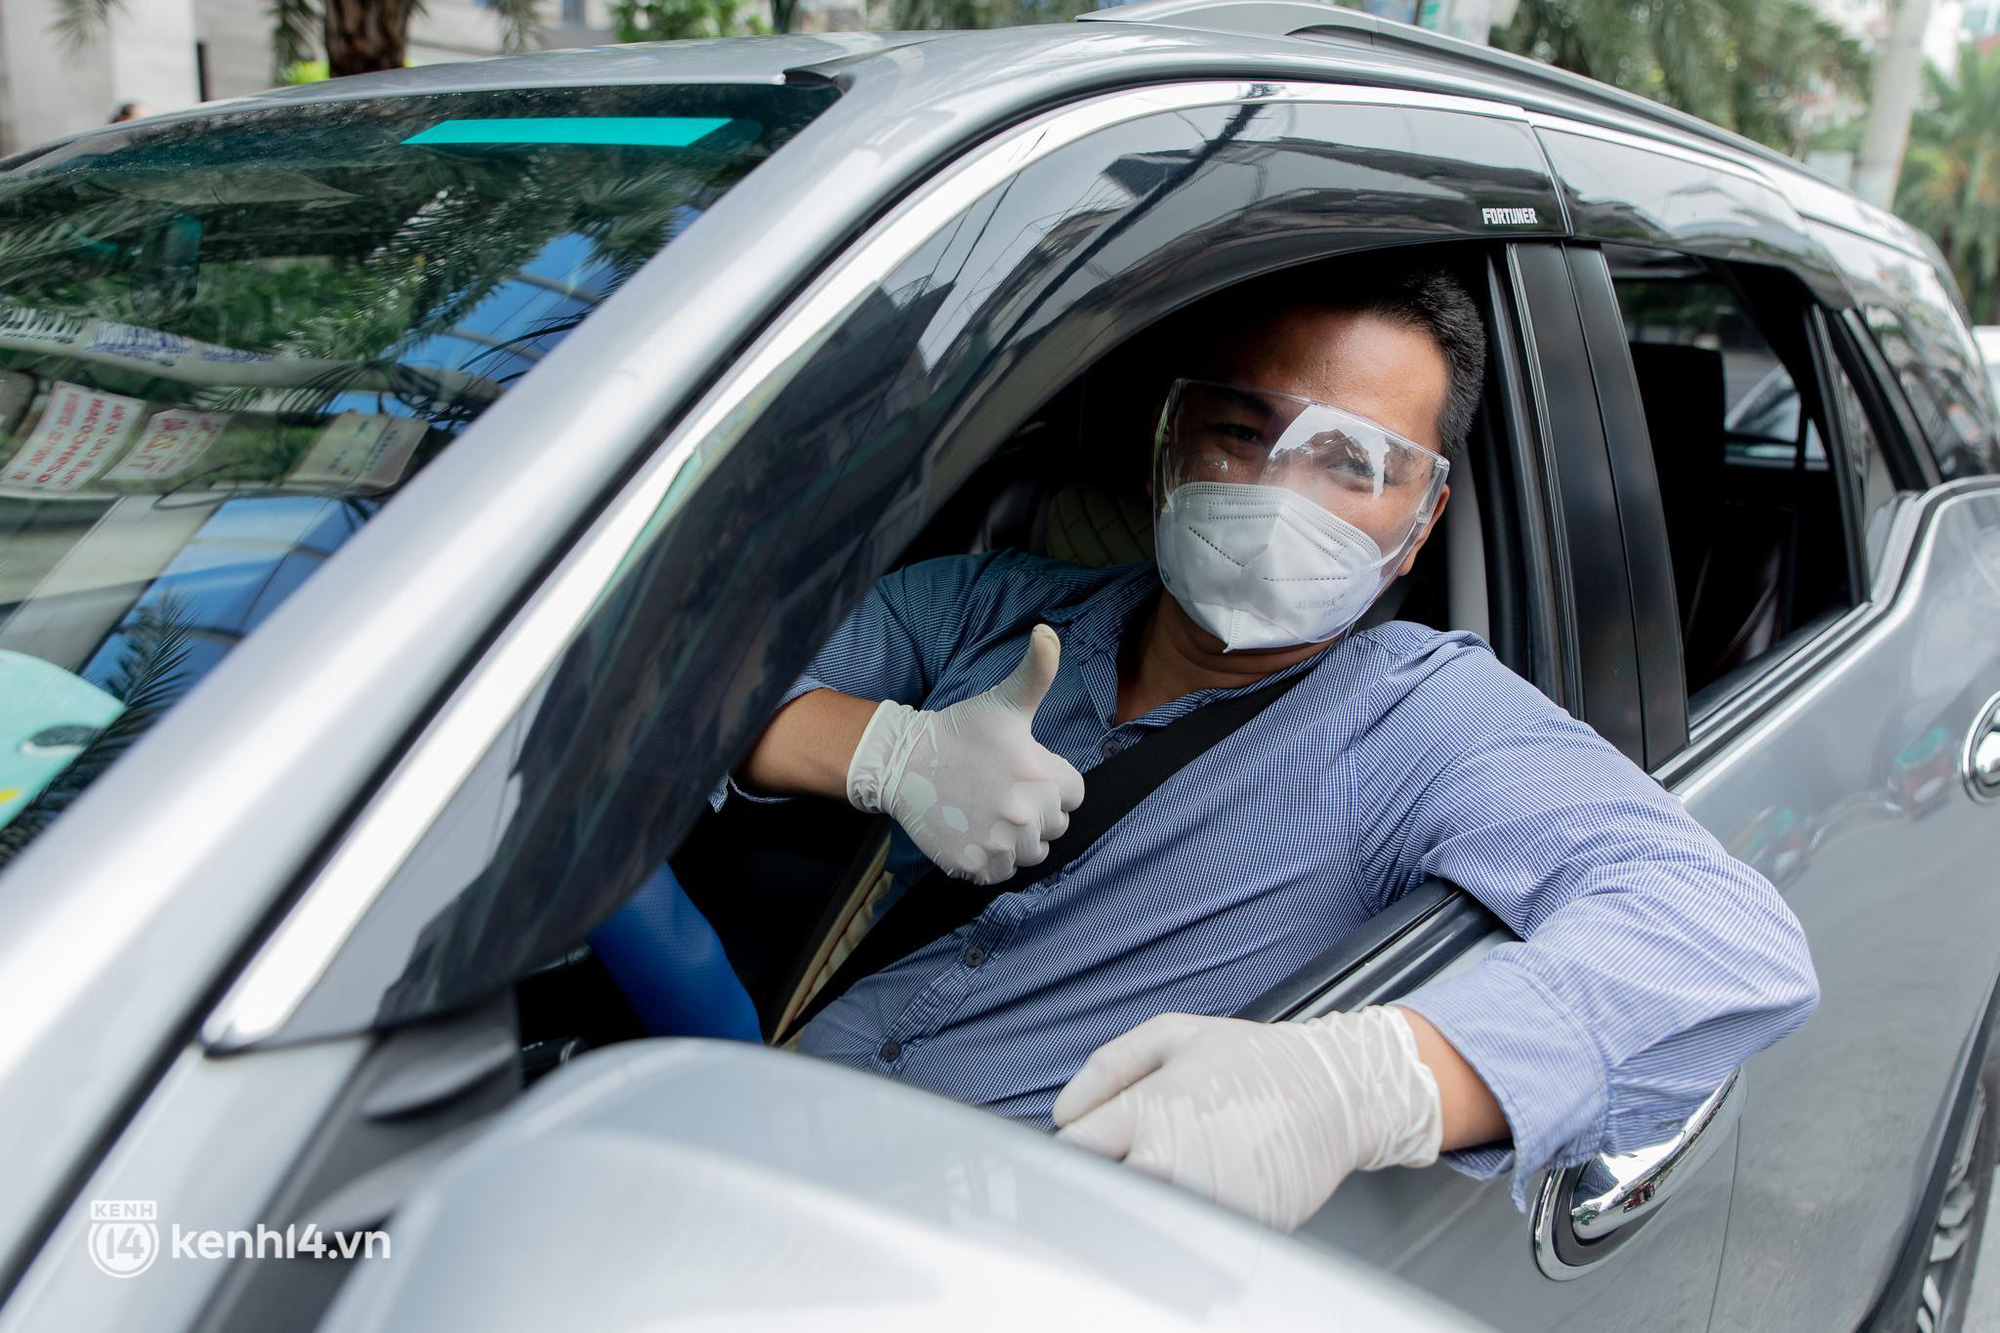 Sài Gòn nới lỏng giãn cách xã hội, bác tài phấn khởi ngày hoạt động trở lại với dịch vụ GrabCar Protect - Ảnh 4.